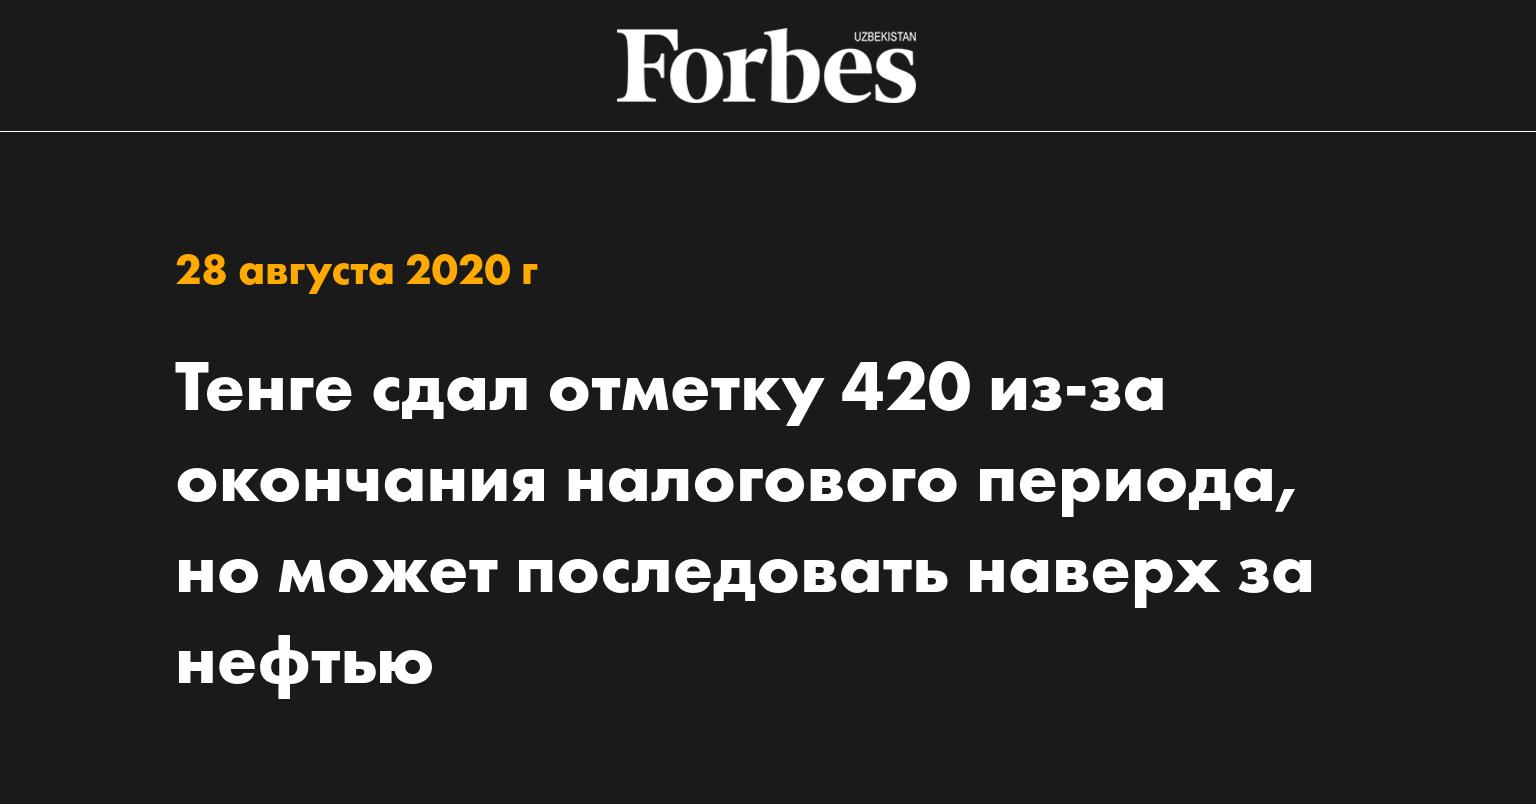 Тенге сдал отметку 420 из-за окончания налогового периода, но может последовать наверх за нефтью